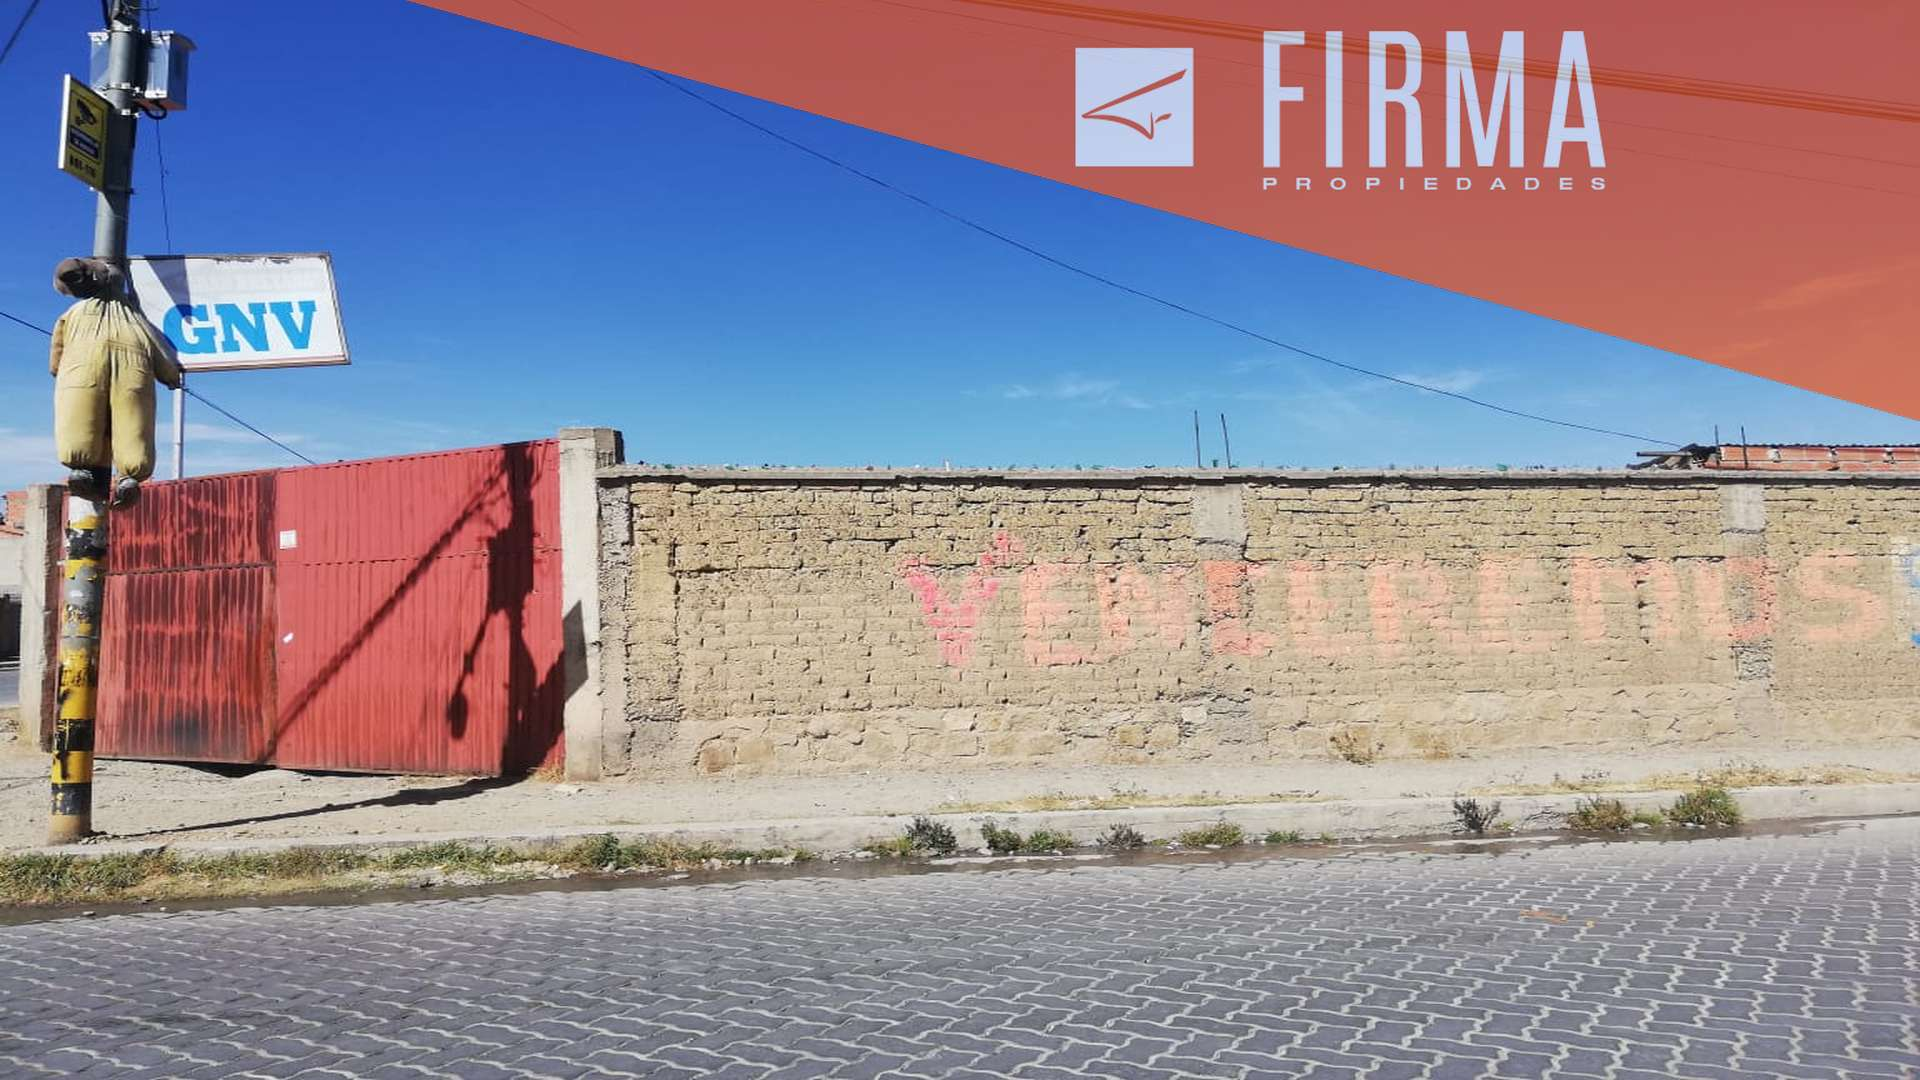 Terreno en Venta FTV36593 – COMPRA TU TERRENO EN EL ALTO Foto 3